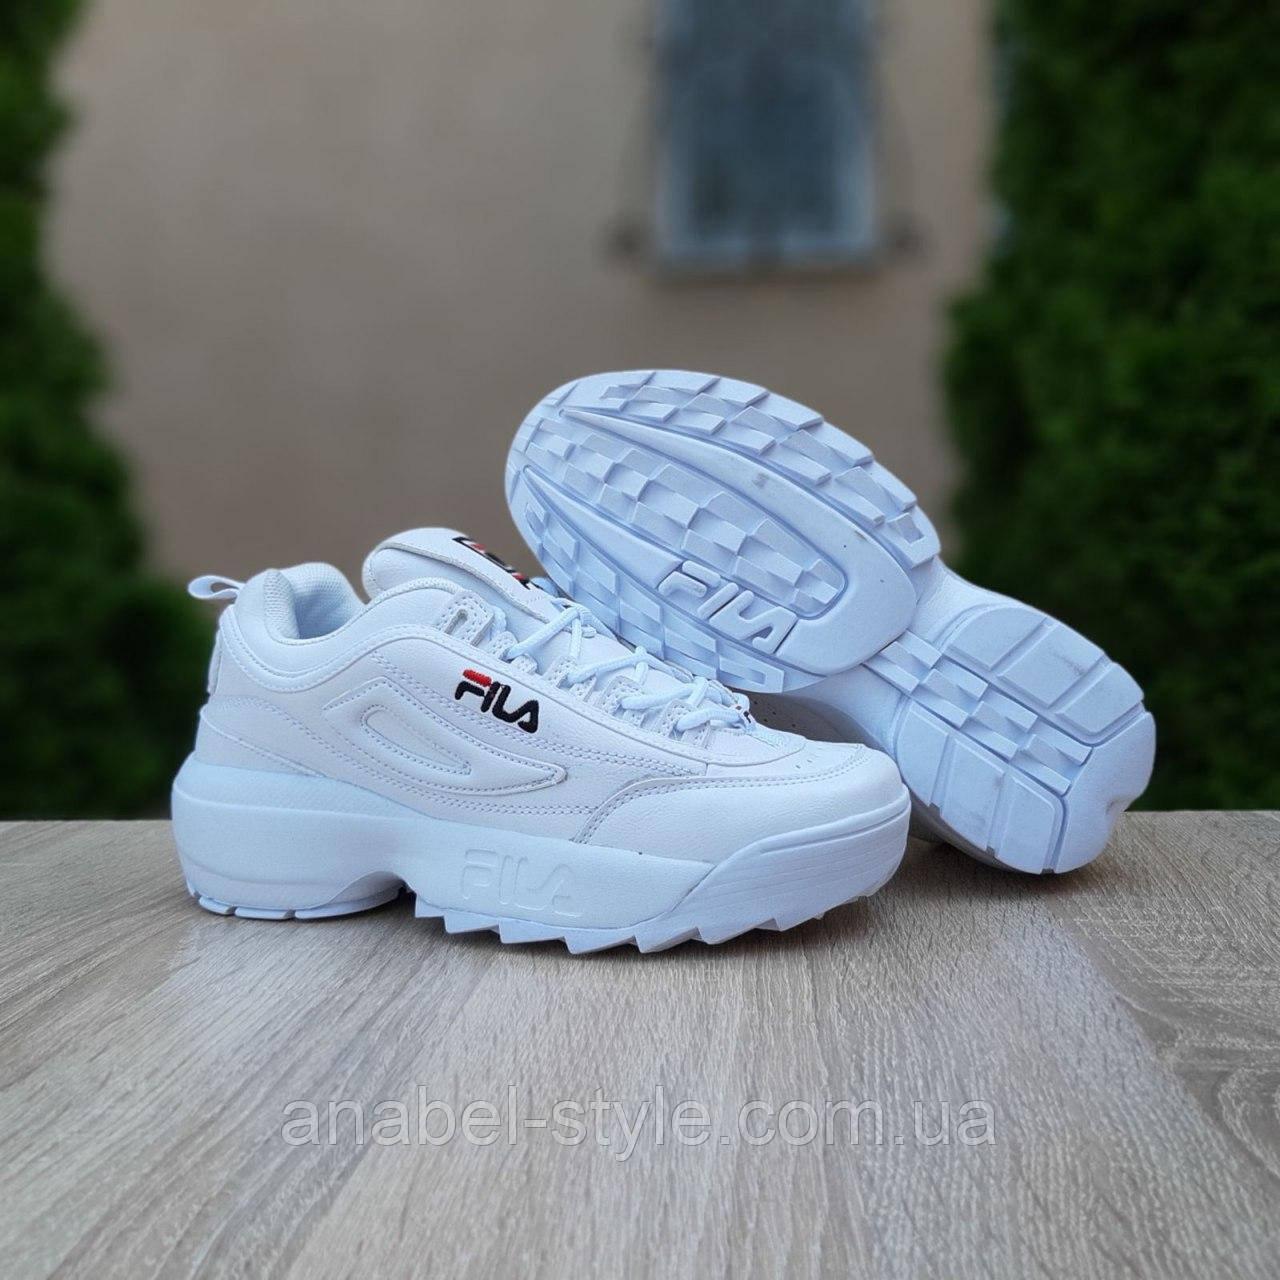 Женские кроссовки Fila Disruptor 2 белого цвета